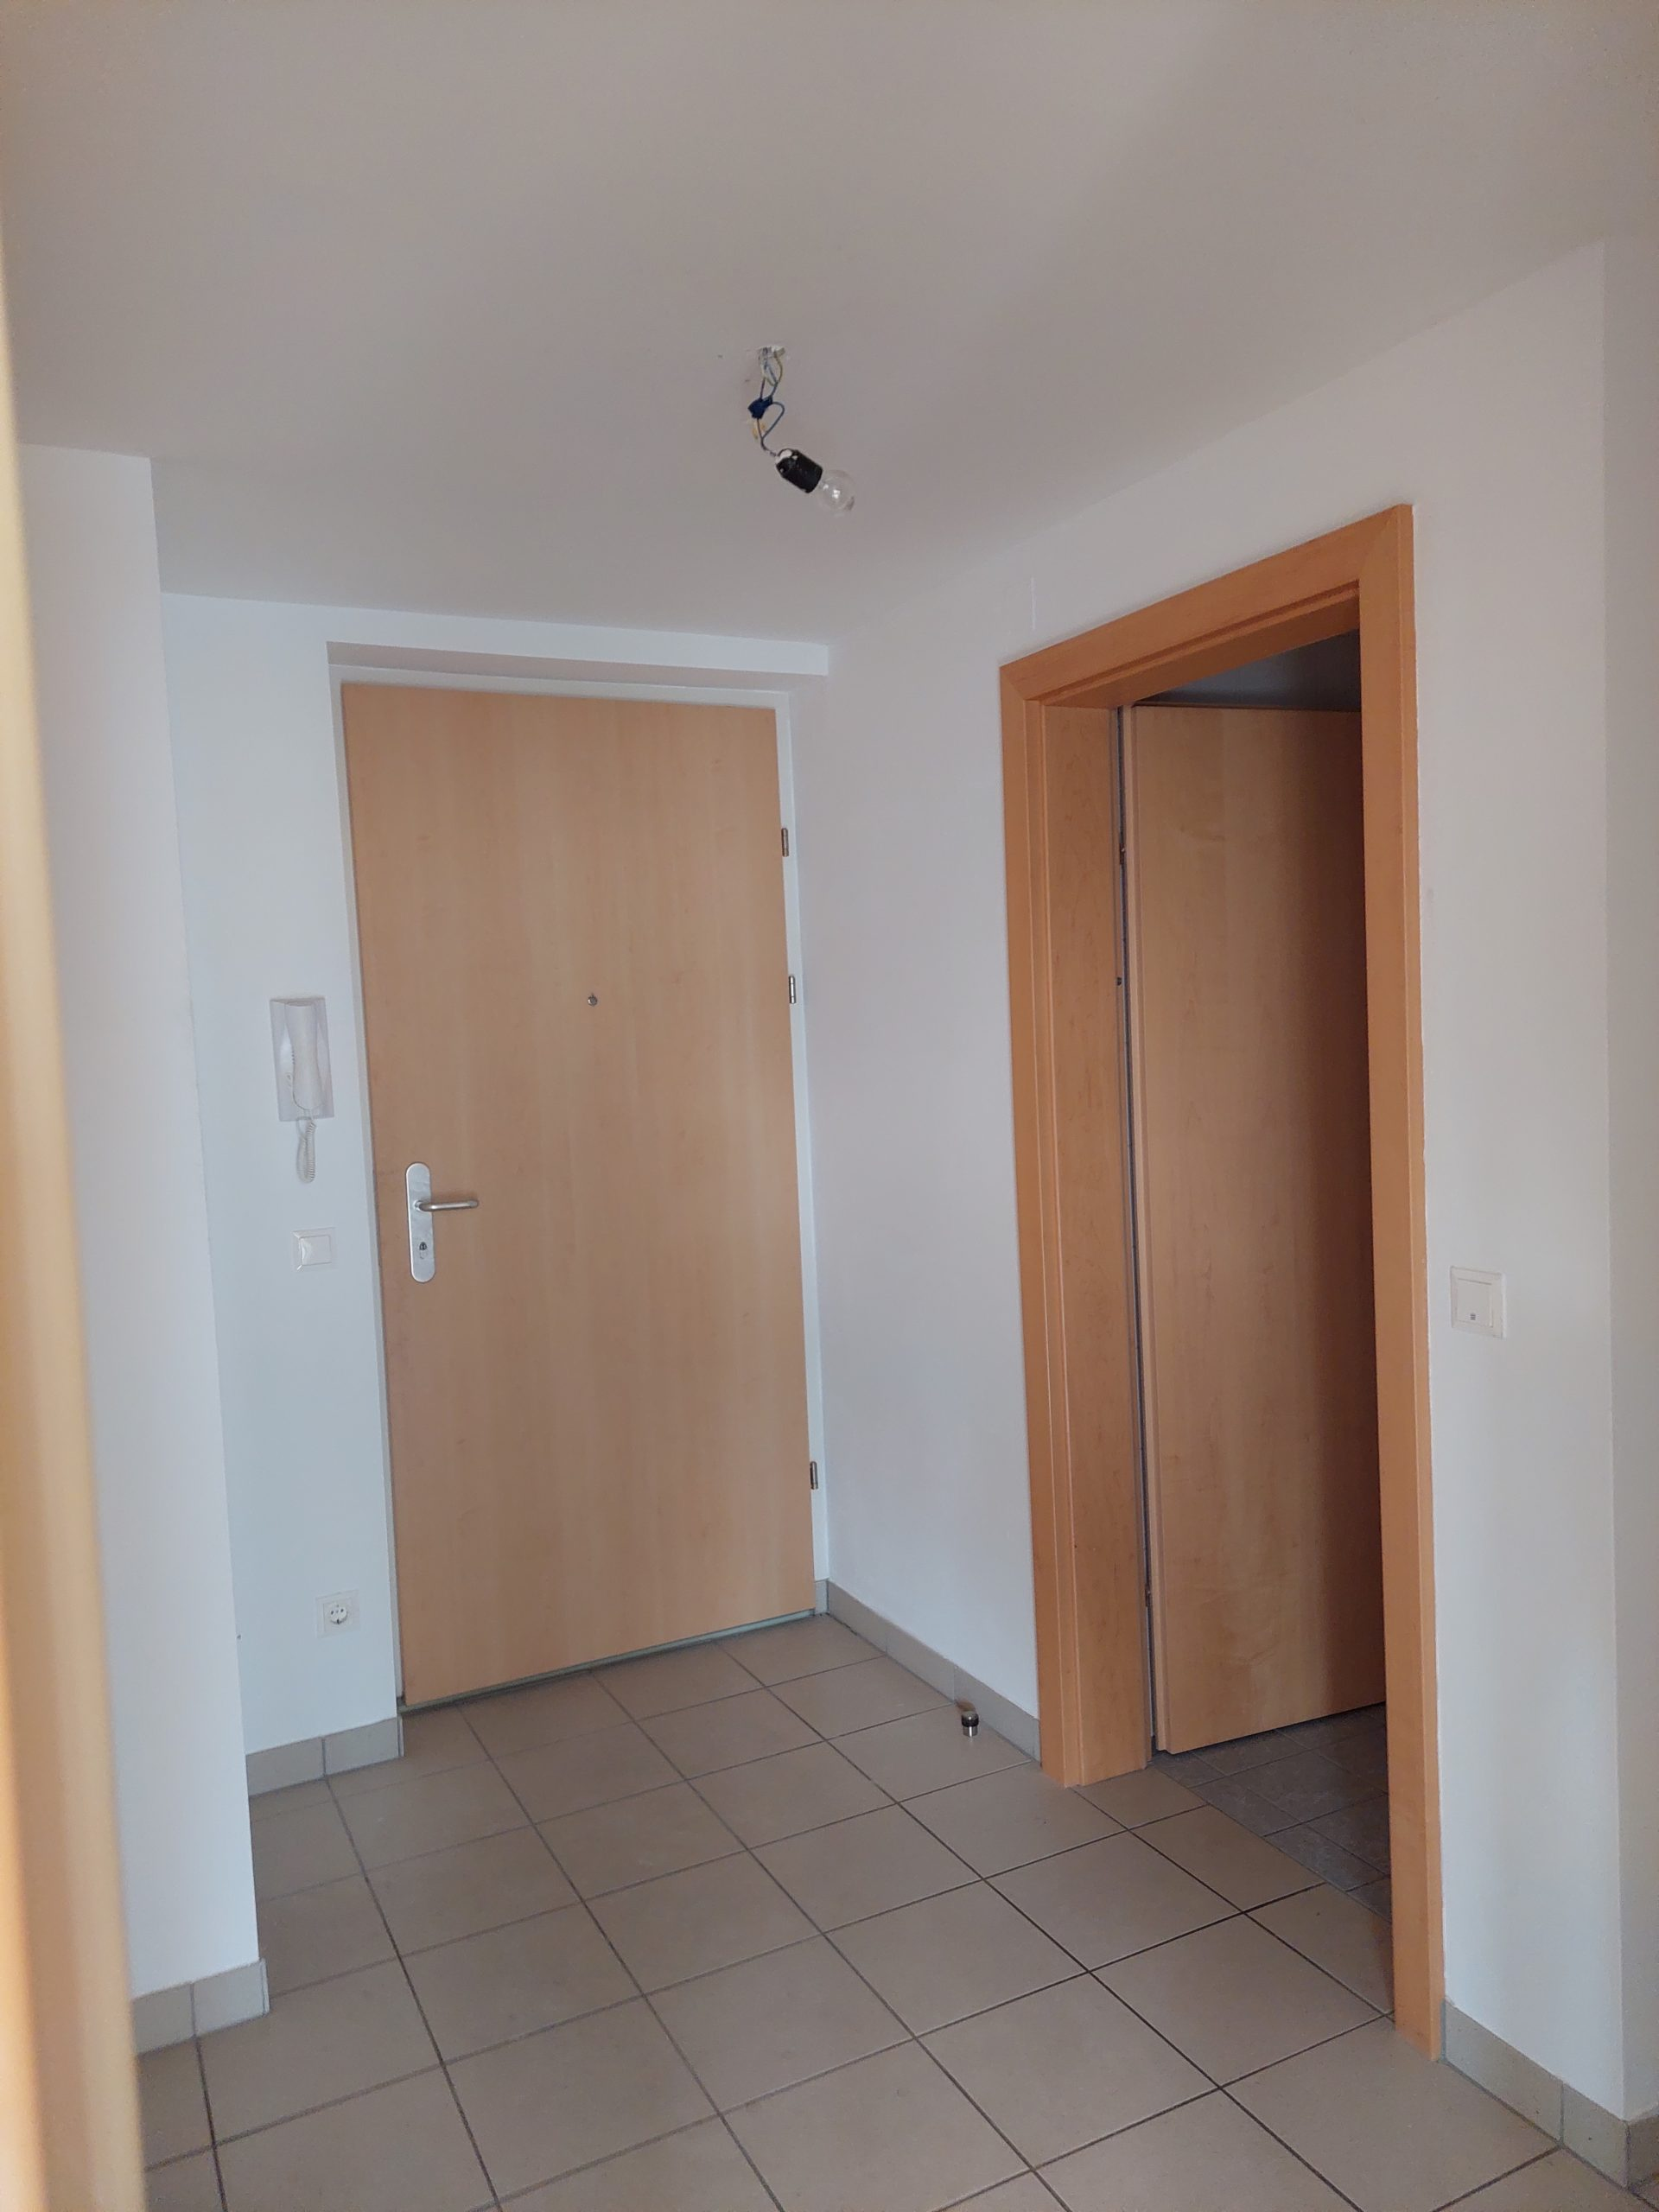 Immobilie von Kamptal in 3631 Ottenschlag, Zwettl, Ottenschlag I/1 - Top 211 #4